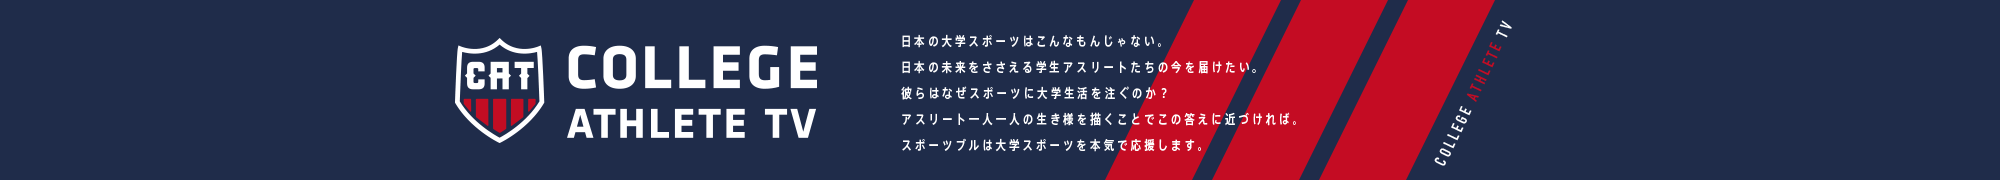 東京を拠点とする選手にとって、ブロック大会前最後の実戦となるのが東京夏季大会だ。早大からはシニア女子ショートプログラム(SP)に永井優香(社3=東京・駒場学園)と小室笑凜(スポ1=…